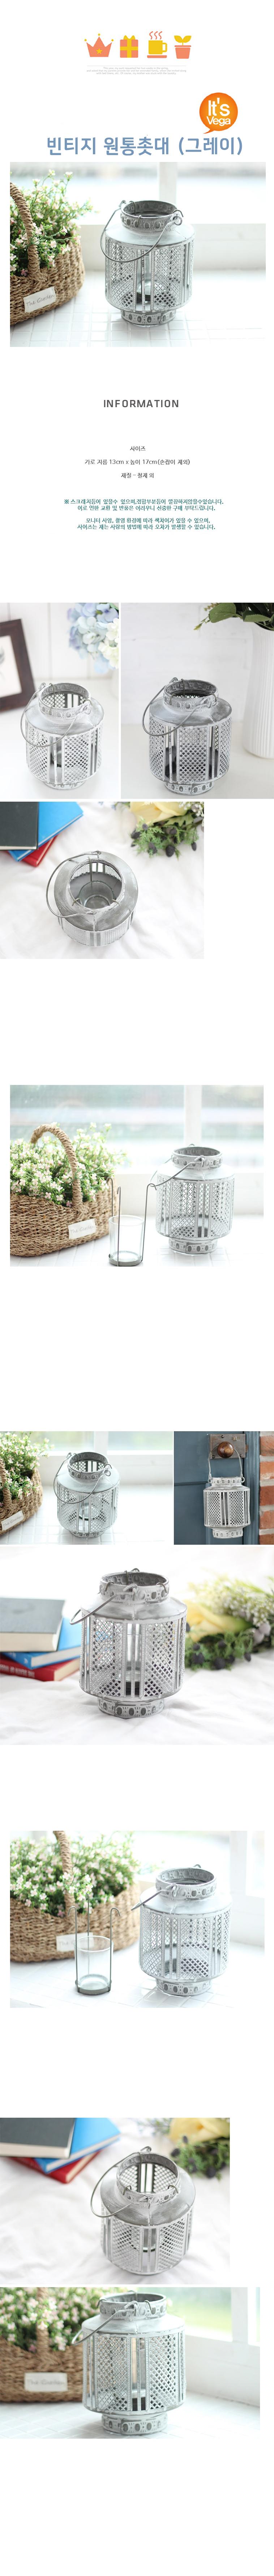 빈티지 원통촛대 (그레이) - 베가, 29,000원, 캔들, 캔들홀더/소품